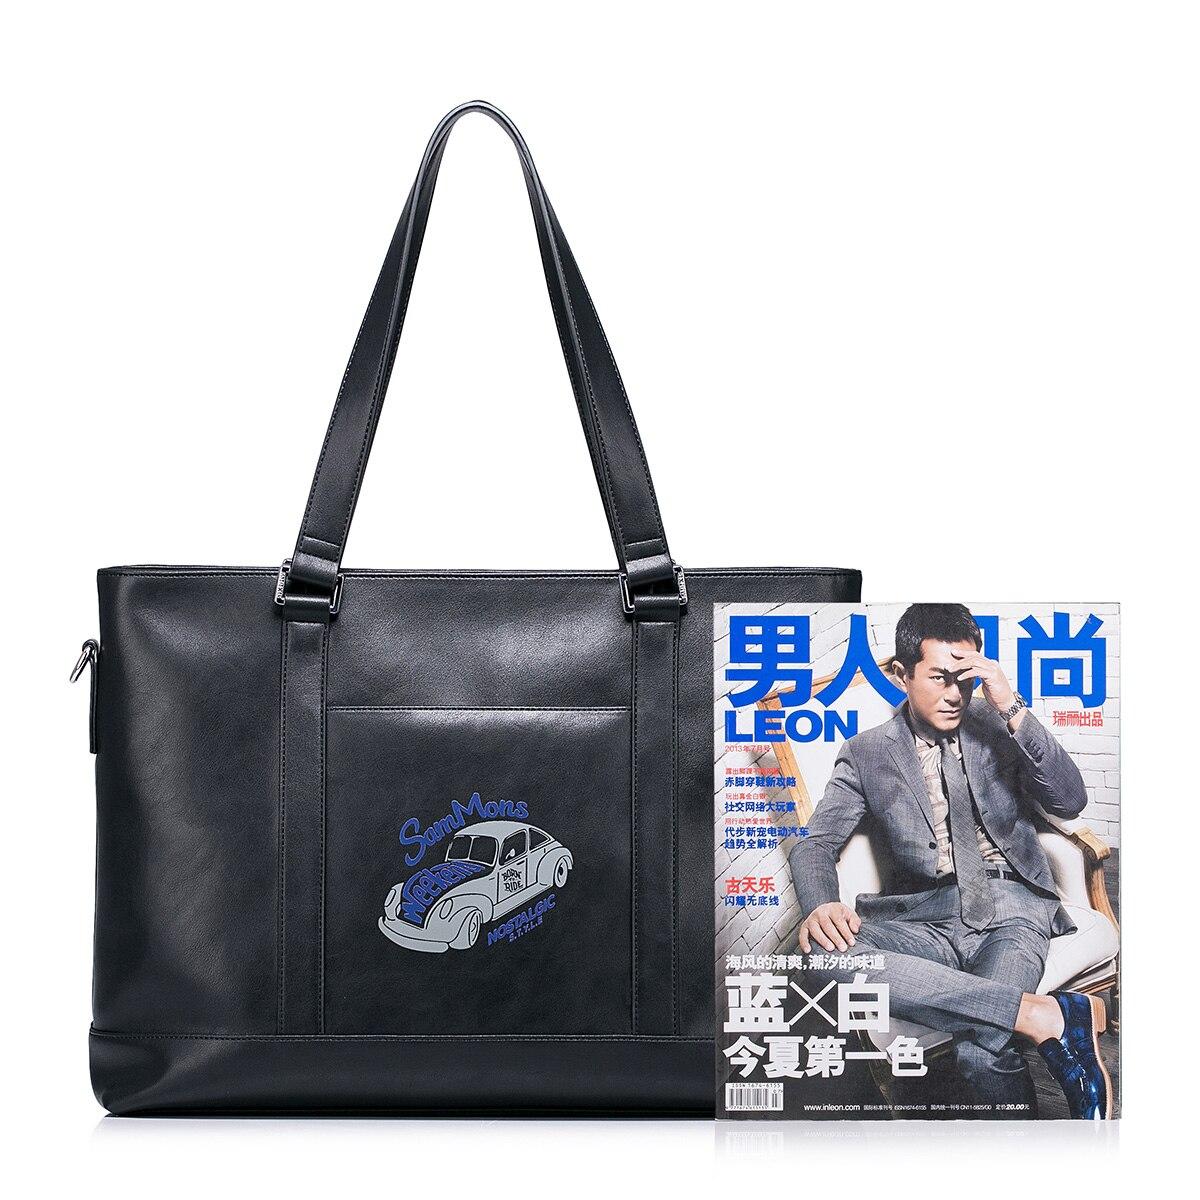 Винтажный Мужской портфель из натуральной кожи, сумка мессенджер для ноутбука, мужские многофункциональные сумки на плечо, вместительные д... - 4